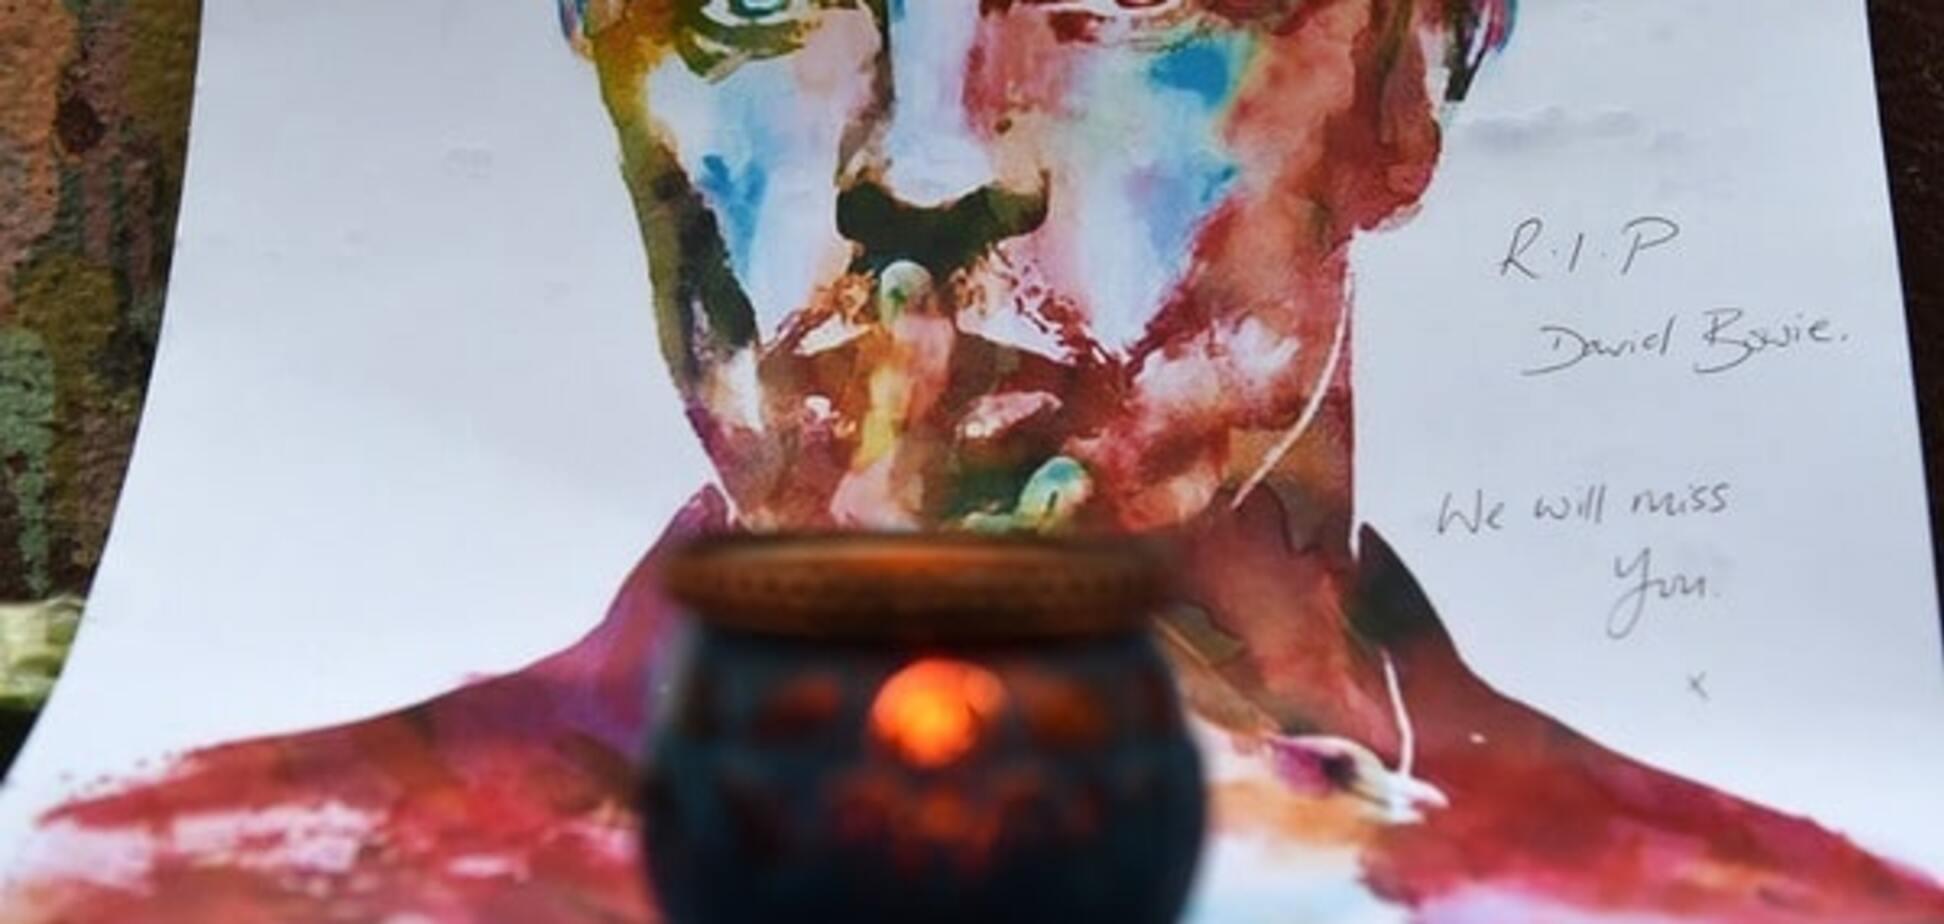 Без прощаний и похорон: тело Дэвида Боуи тайно кремировали в Нью-Йорке